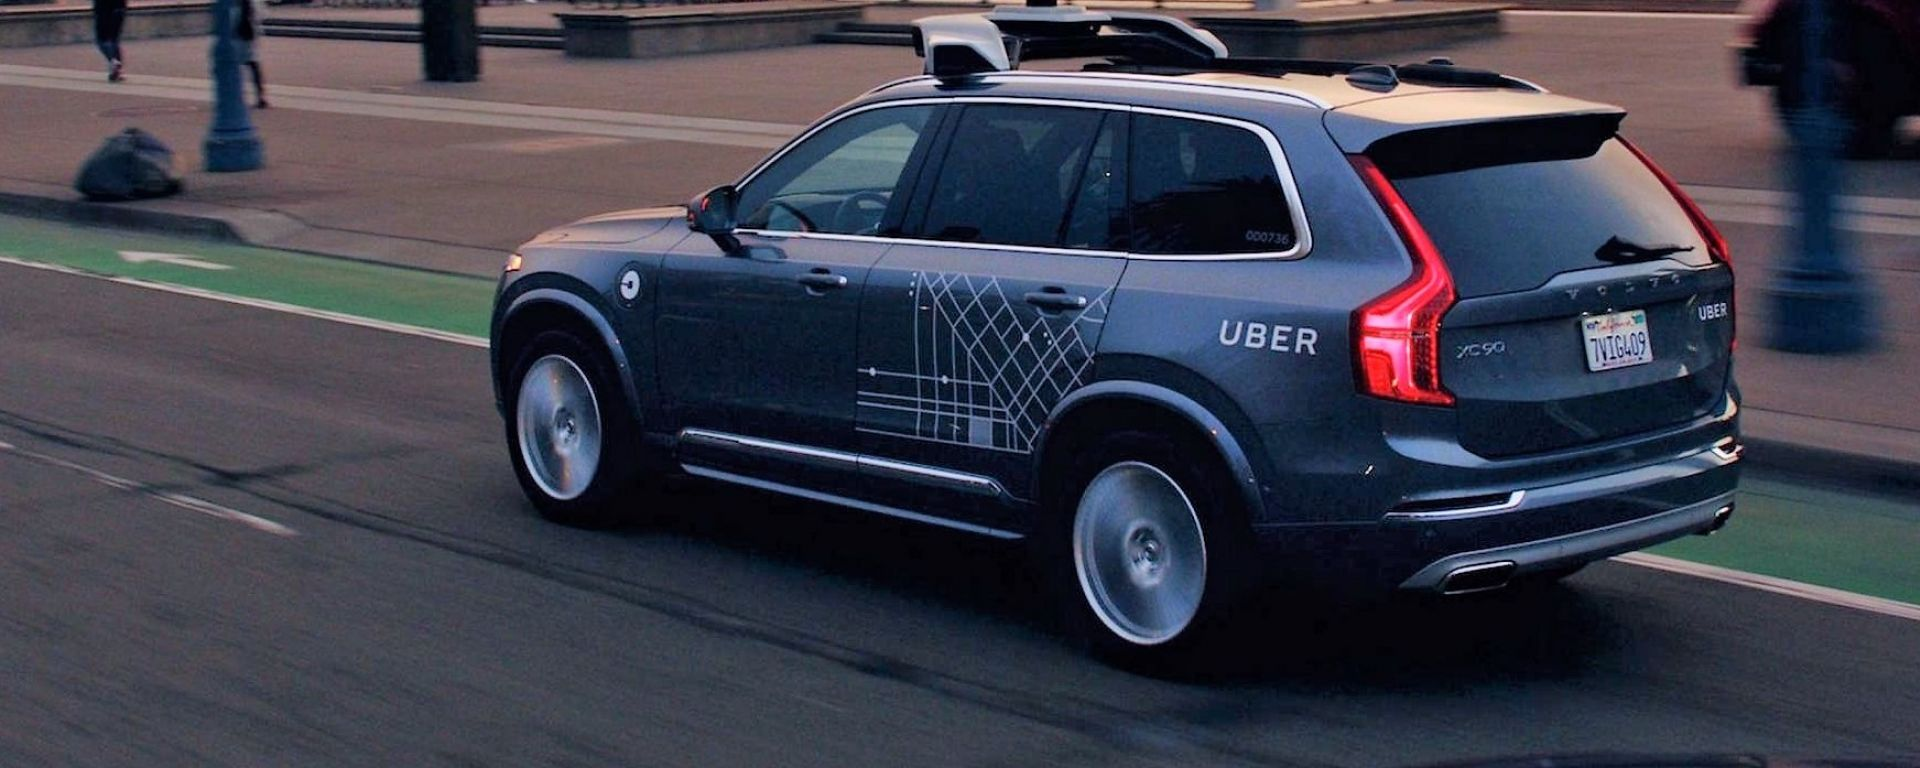 Uber: una Volvo sperimentale a guida autonoma